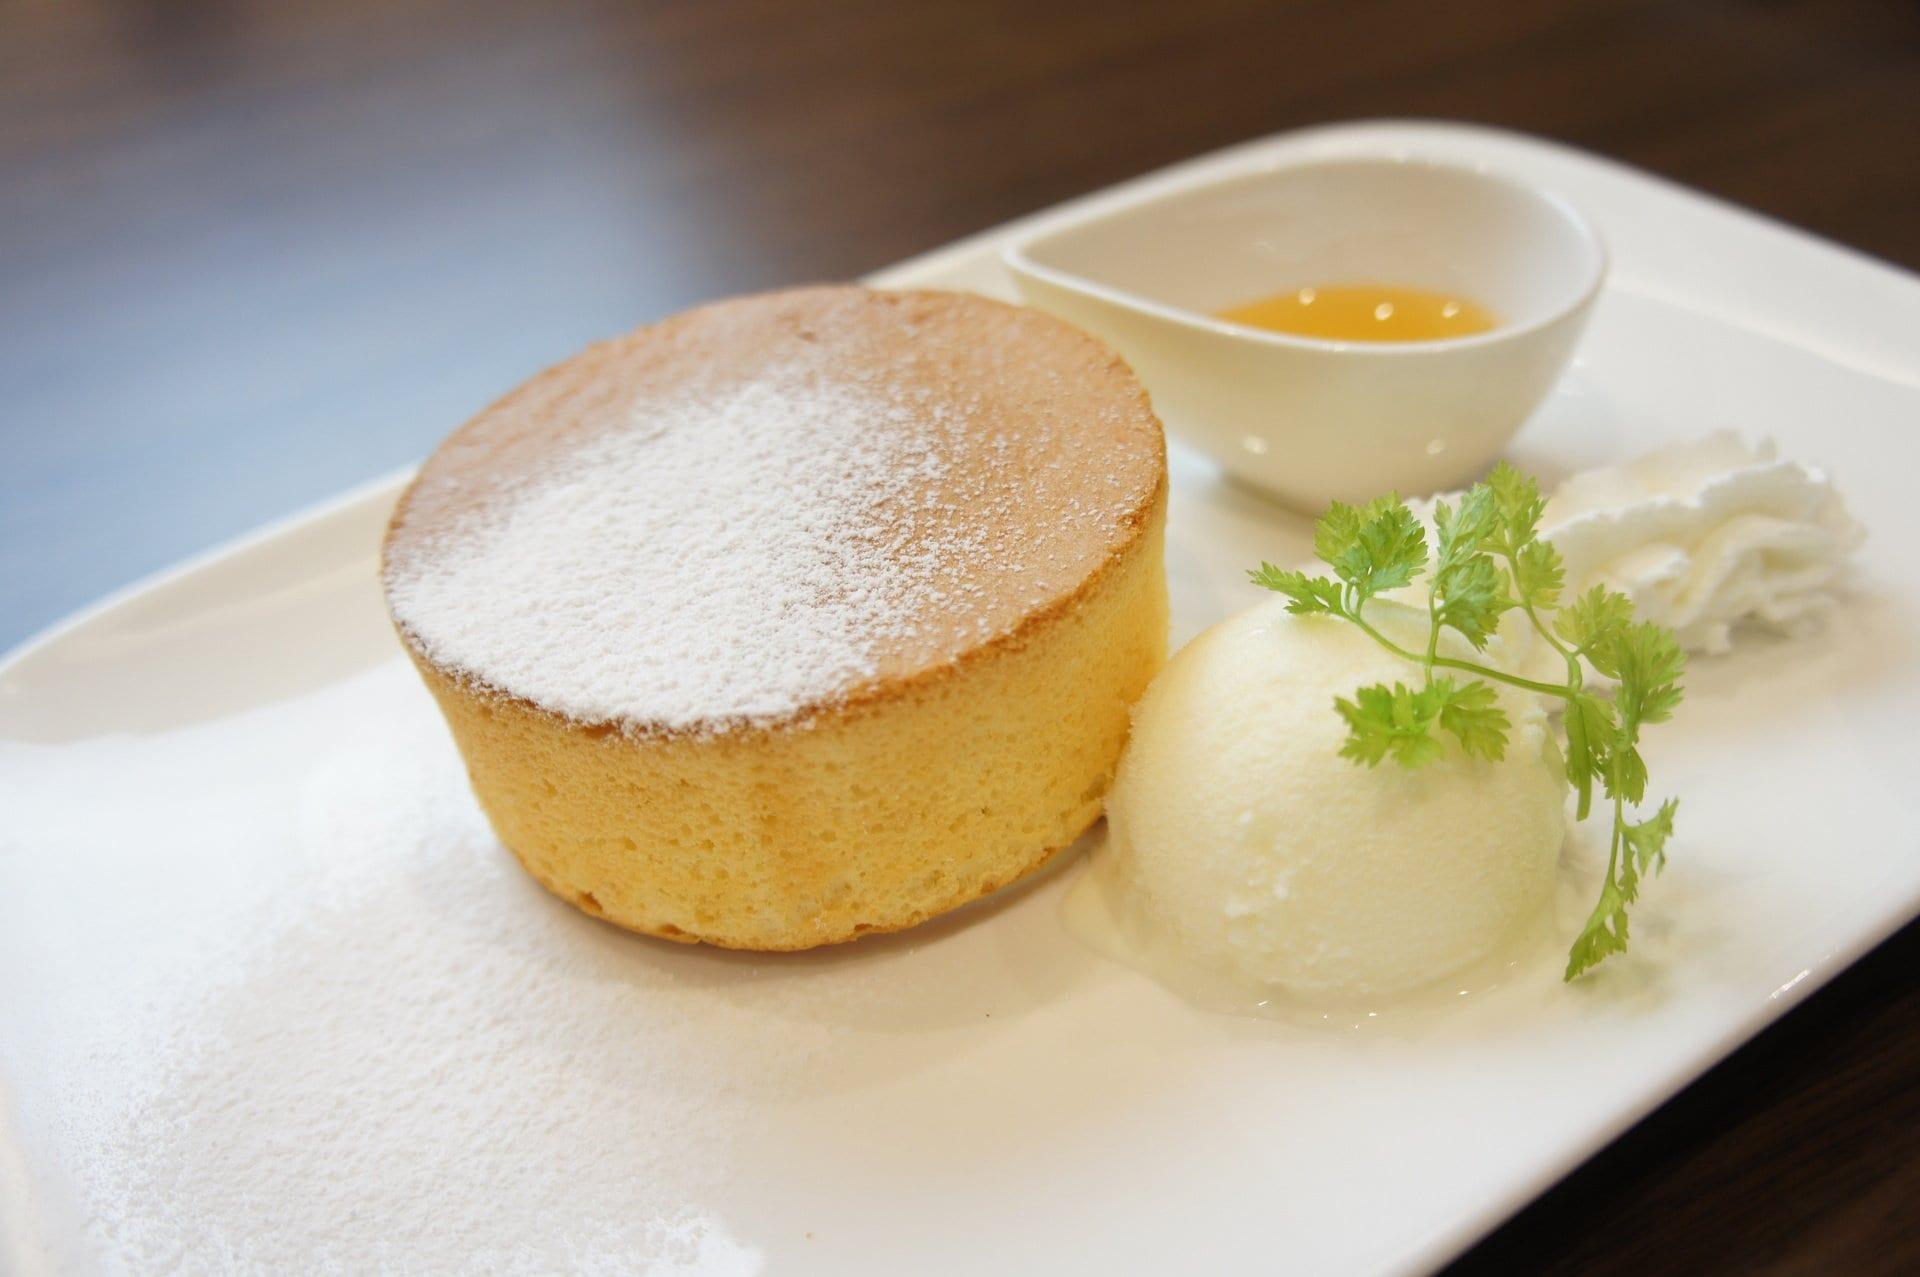 厚焼きスフレパンケーキ ¥710